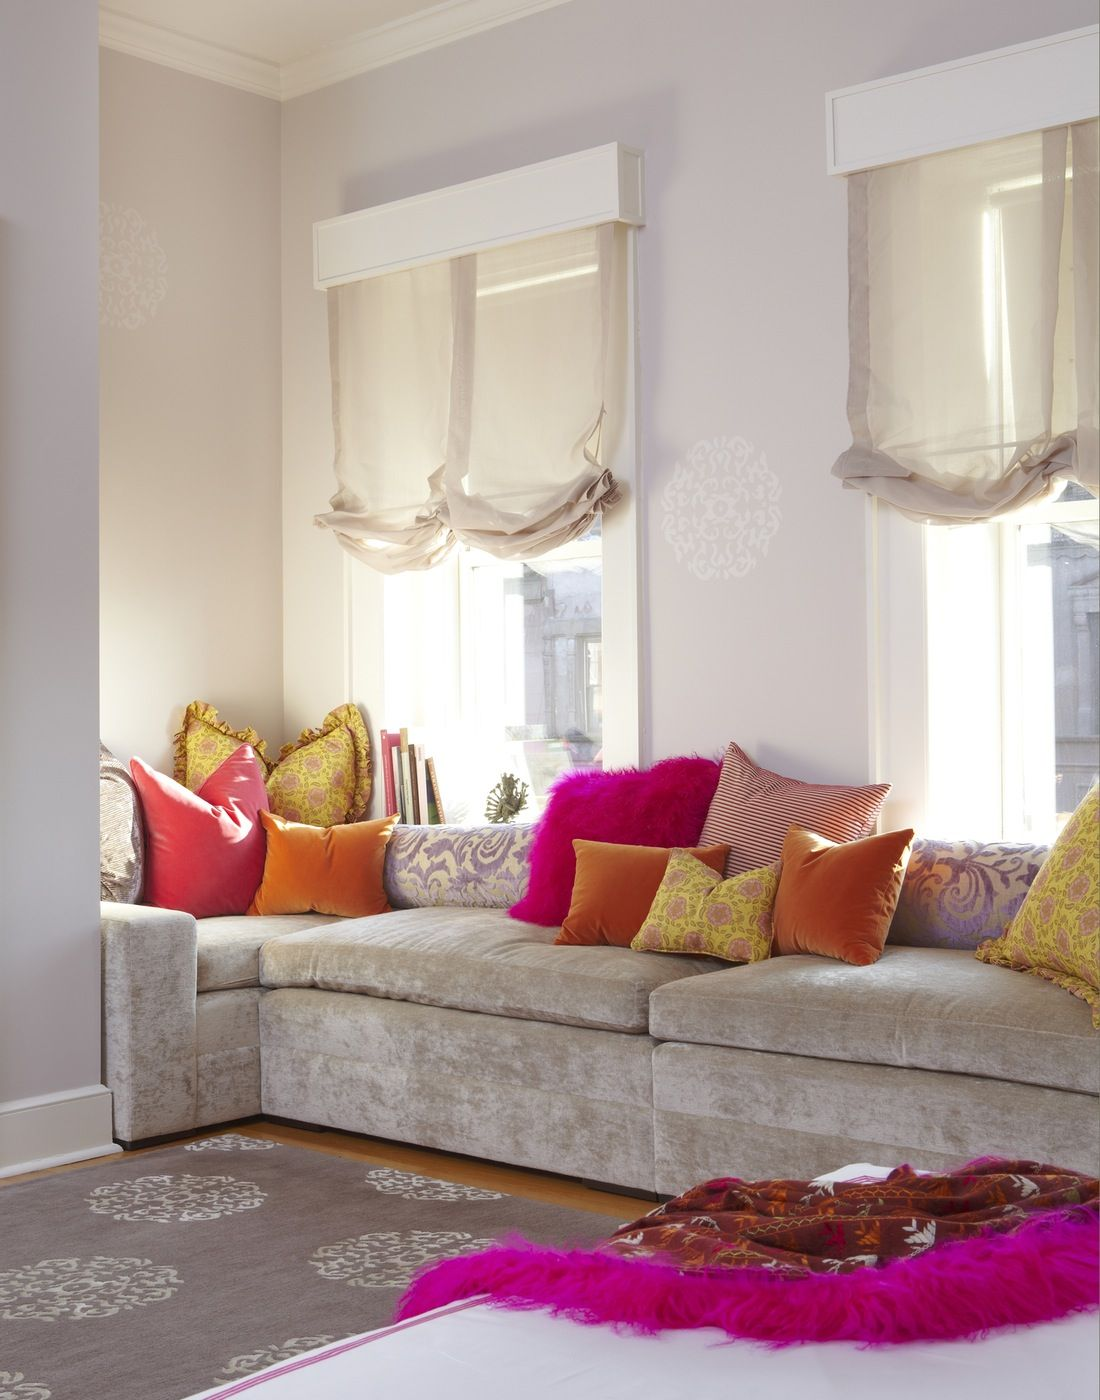 Townhouse Living Room Design: Interior Design In New York City By Brett Design